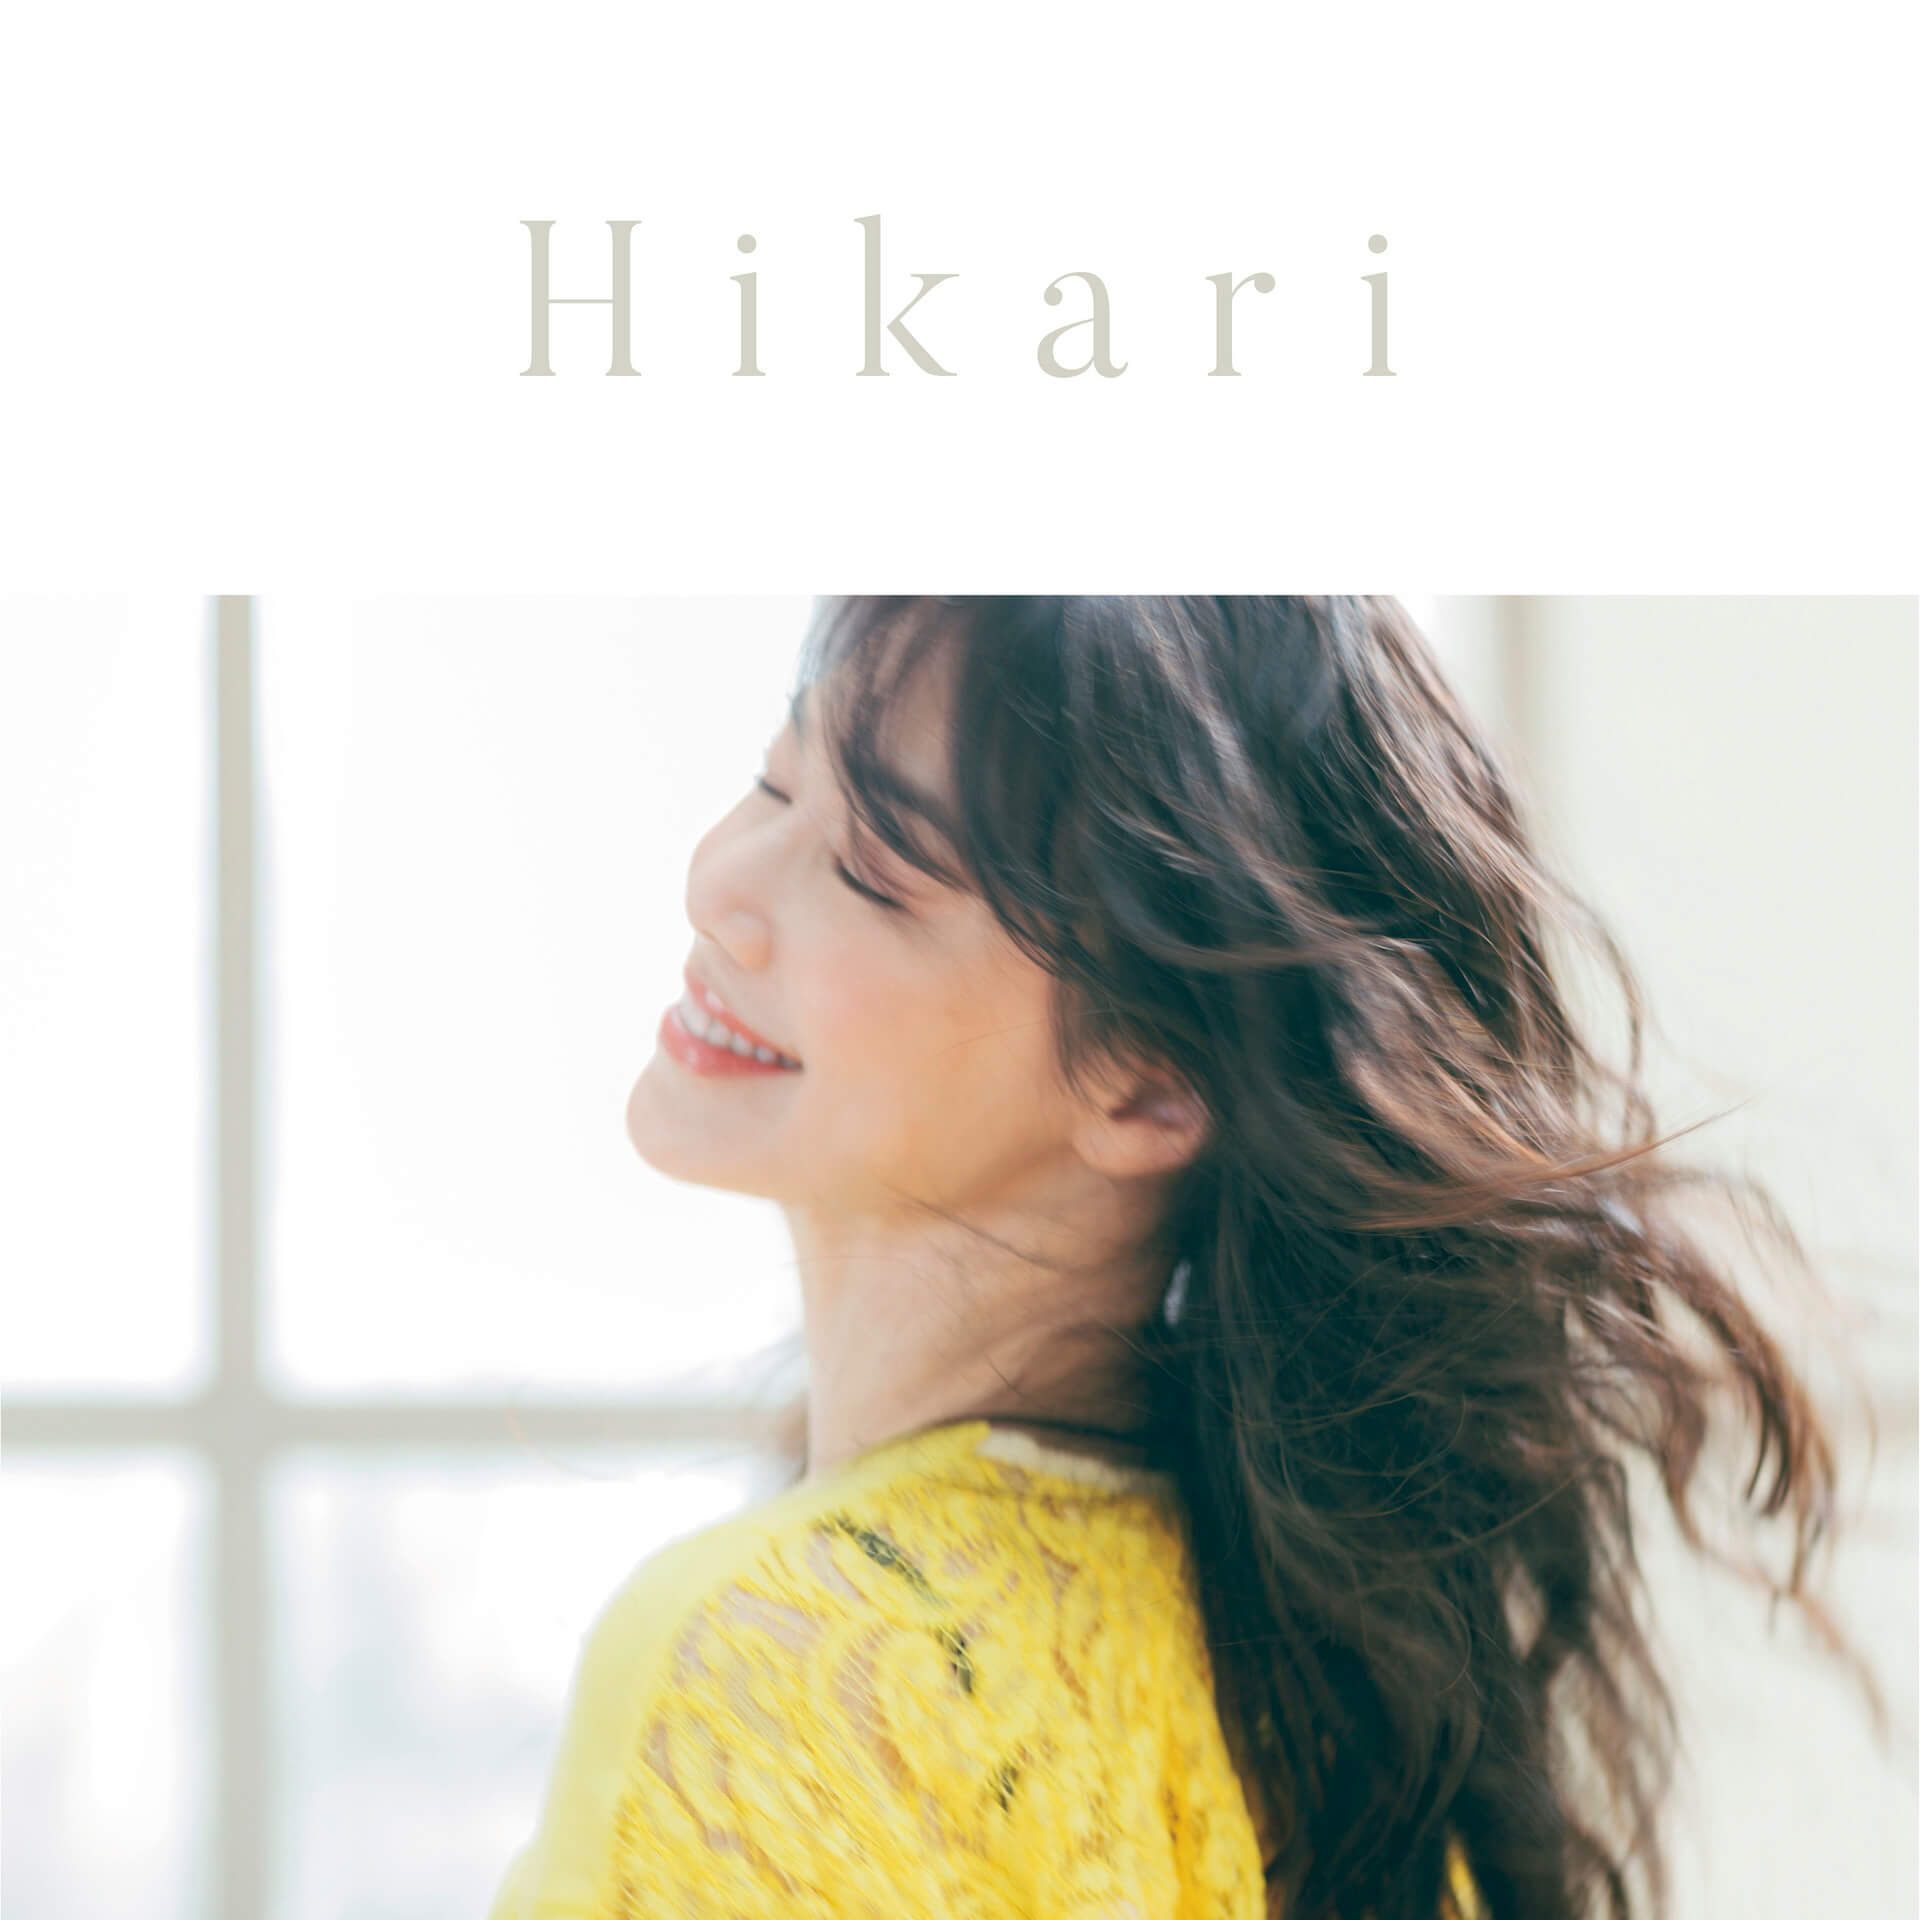 今井美樹の令和初となる録り下しの新曲「Hikari」が『科捜研の女』10月クールの主題歌に決定 Hikari_JKT